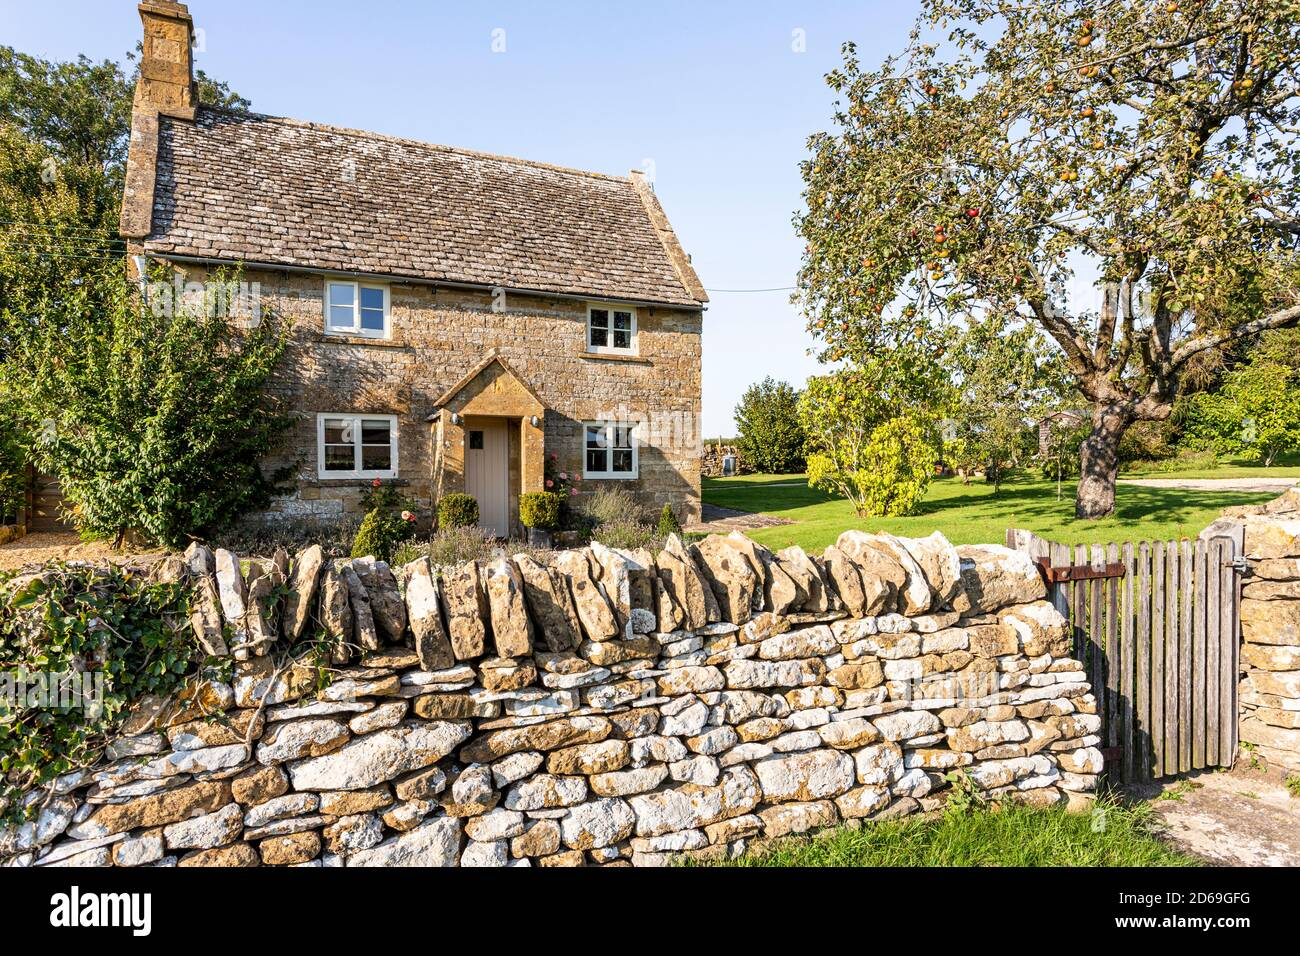 Luce serale su un cottage in pietra tradizionale nel villaggio di Cutsdean, Gloucestershire UK Foto Stock